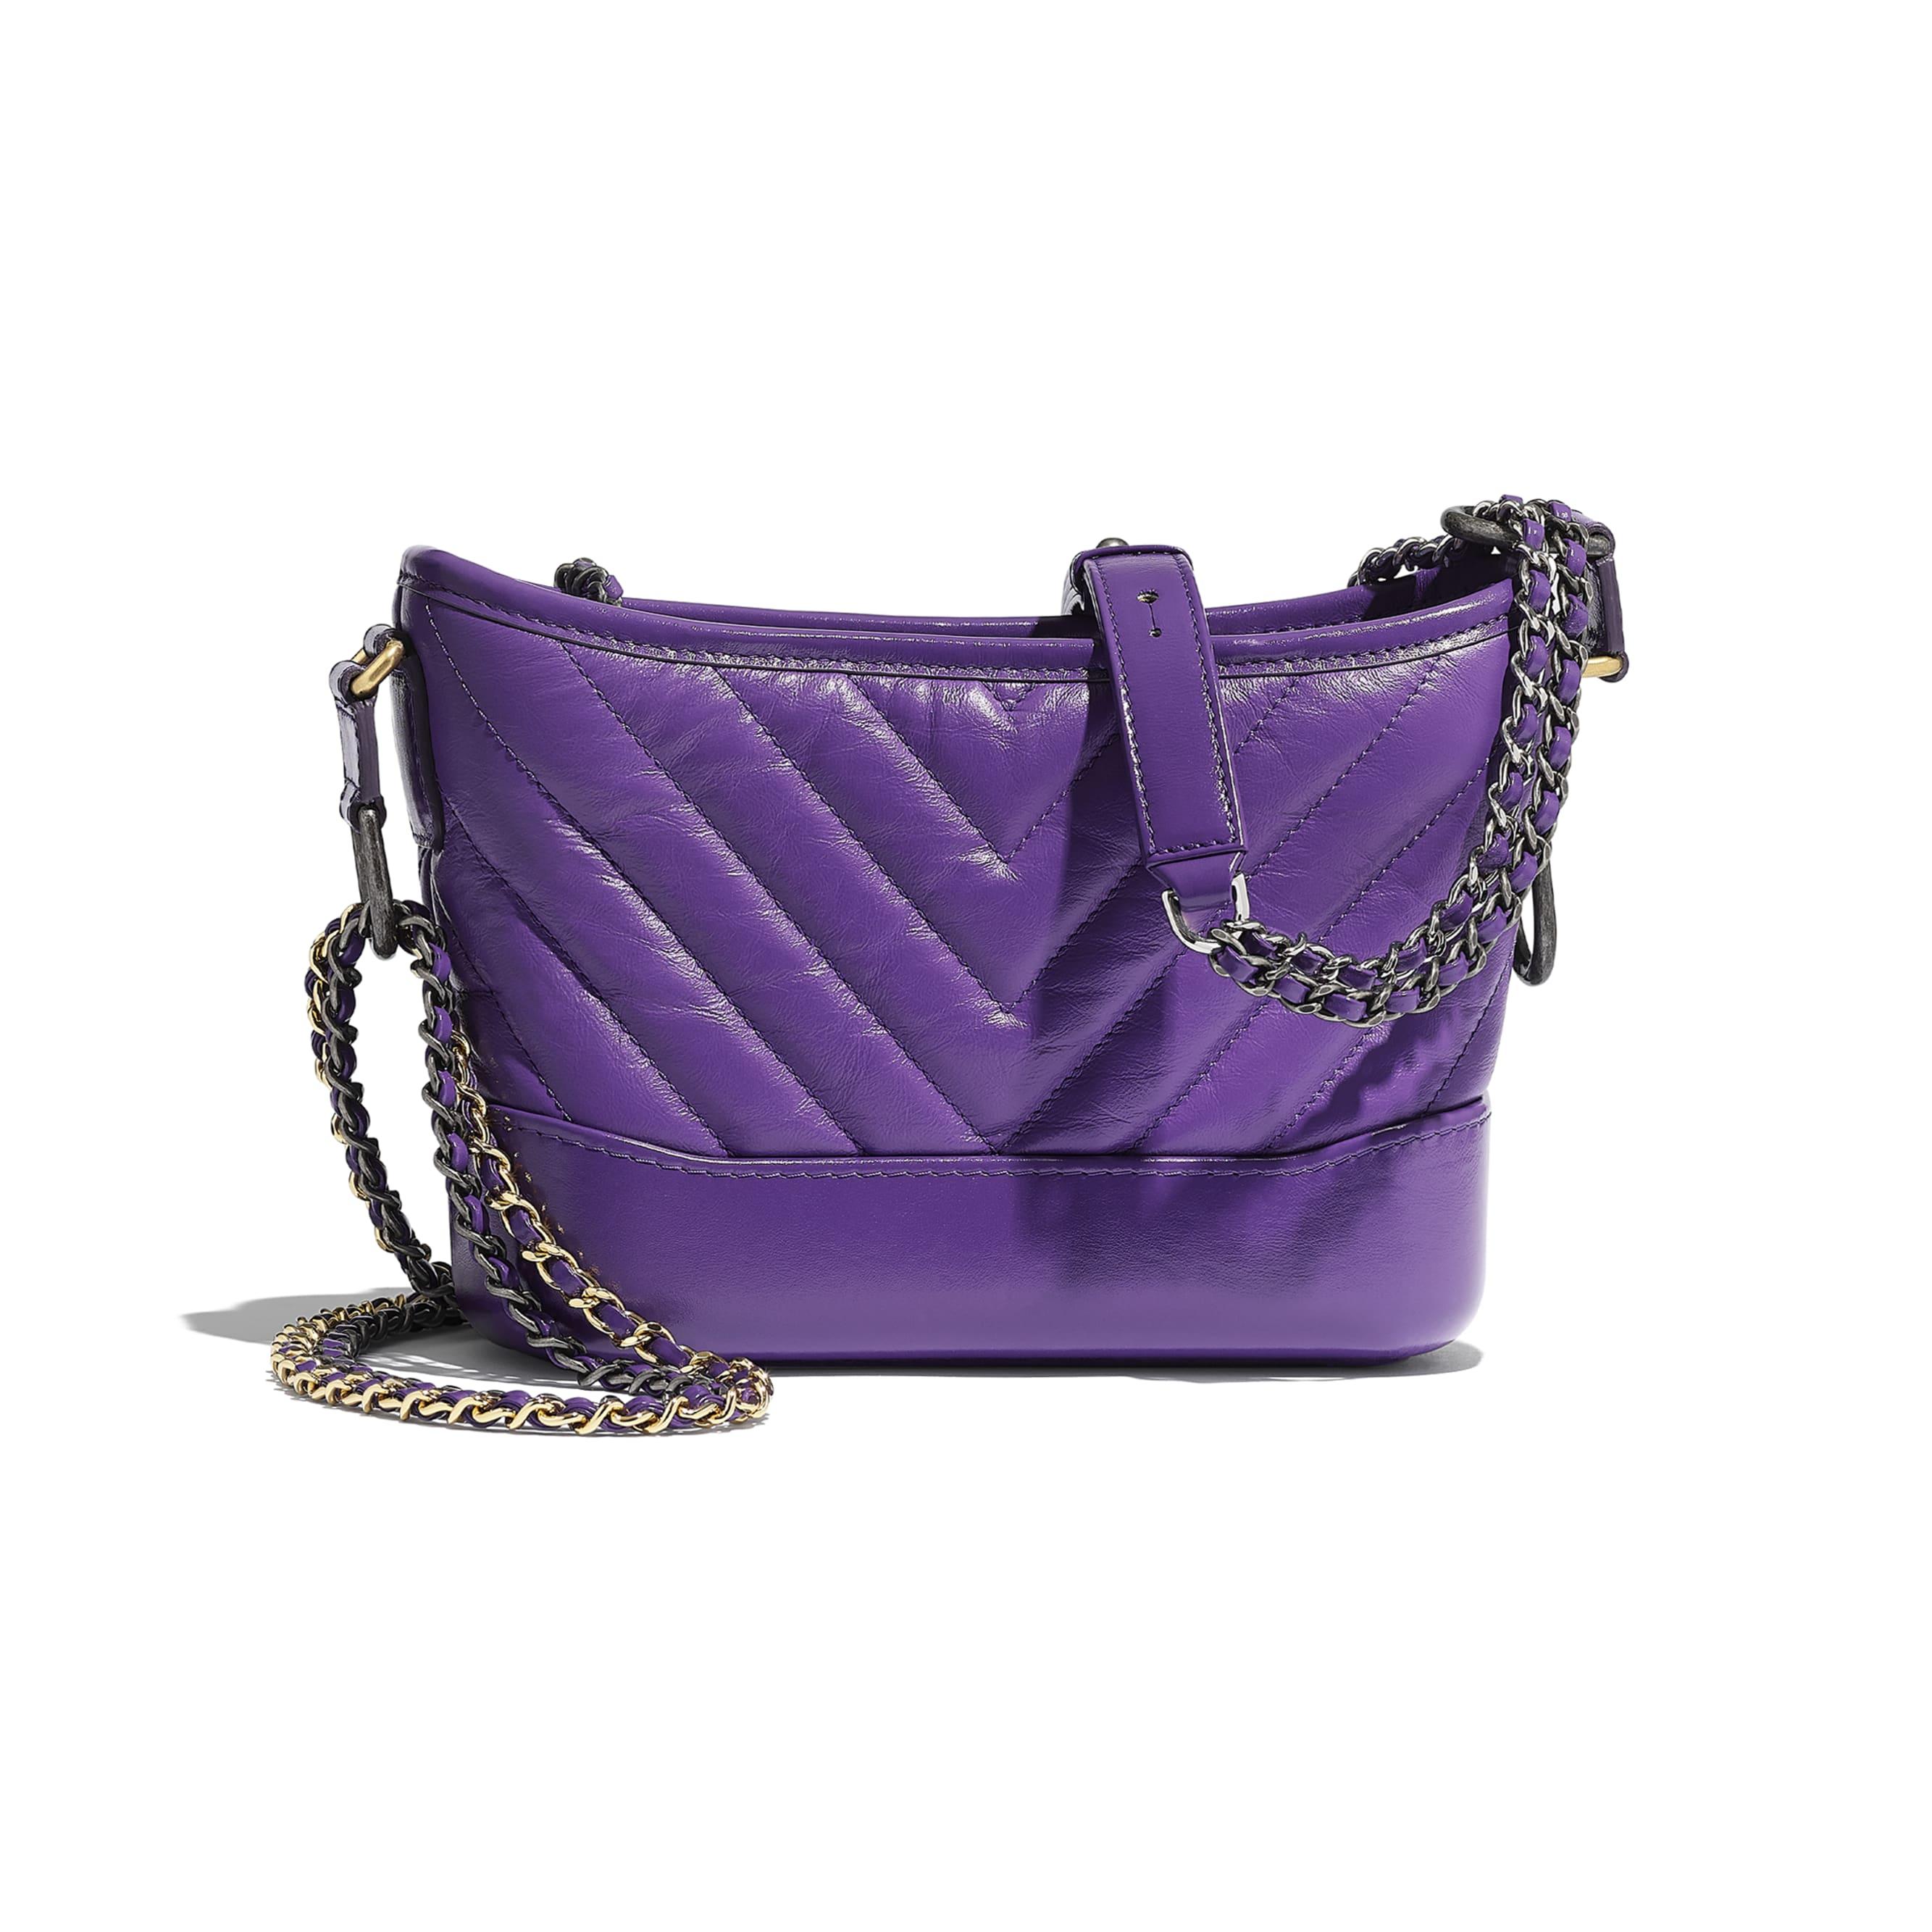 Mała torebka hobo GABRIELLE CHANEL - Kolor fioletowy - Postarzana skóra cielęca, gładka skóra cielęca i metal w tonacji złotej i srebrnej - Widok alternatywny – zobacz w standardowym rozmiarze